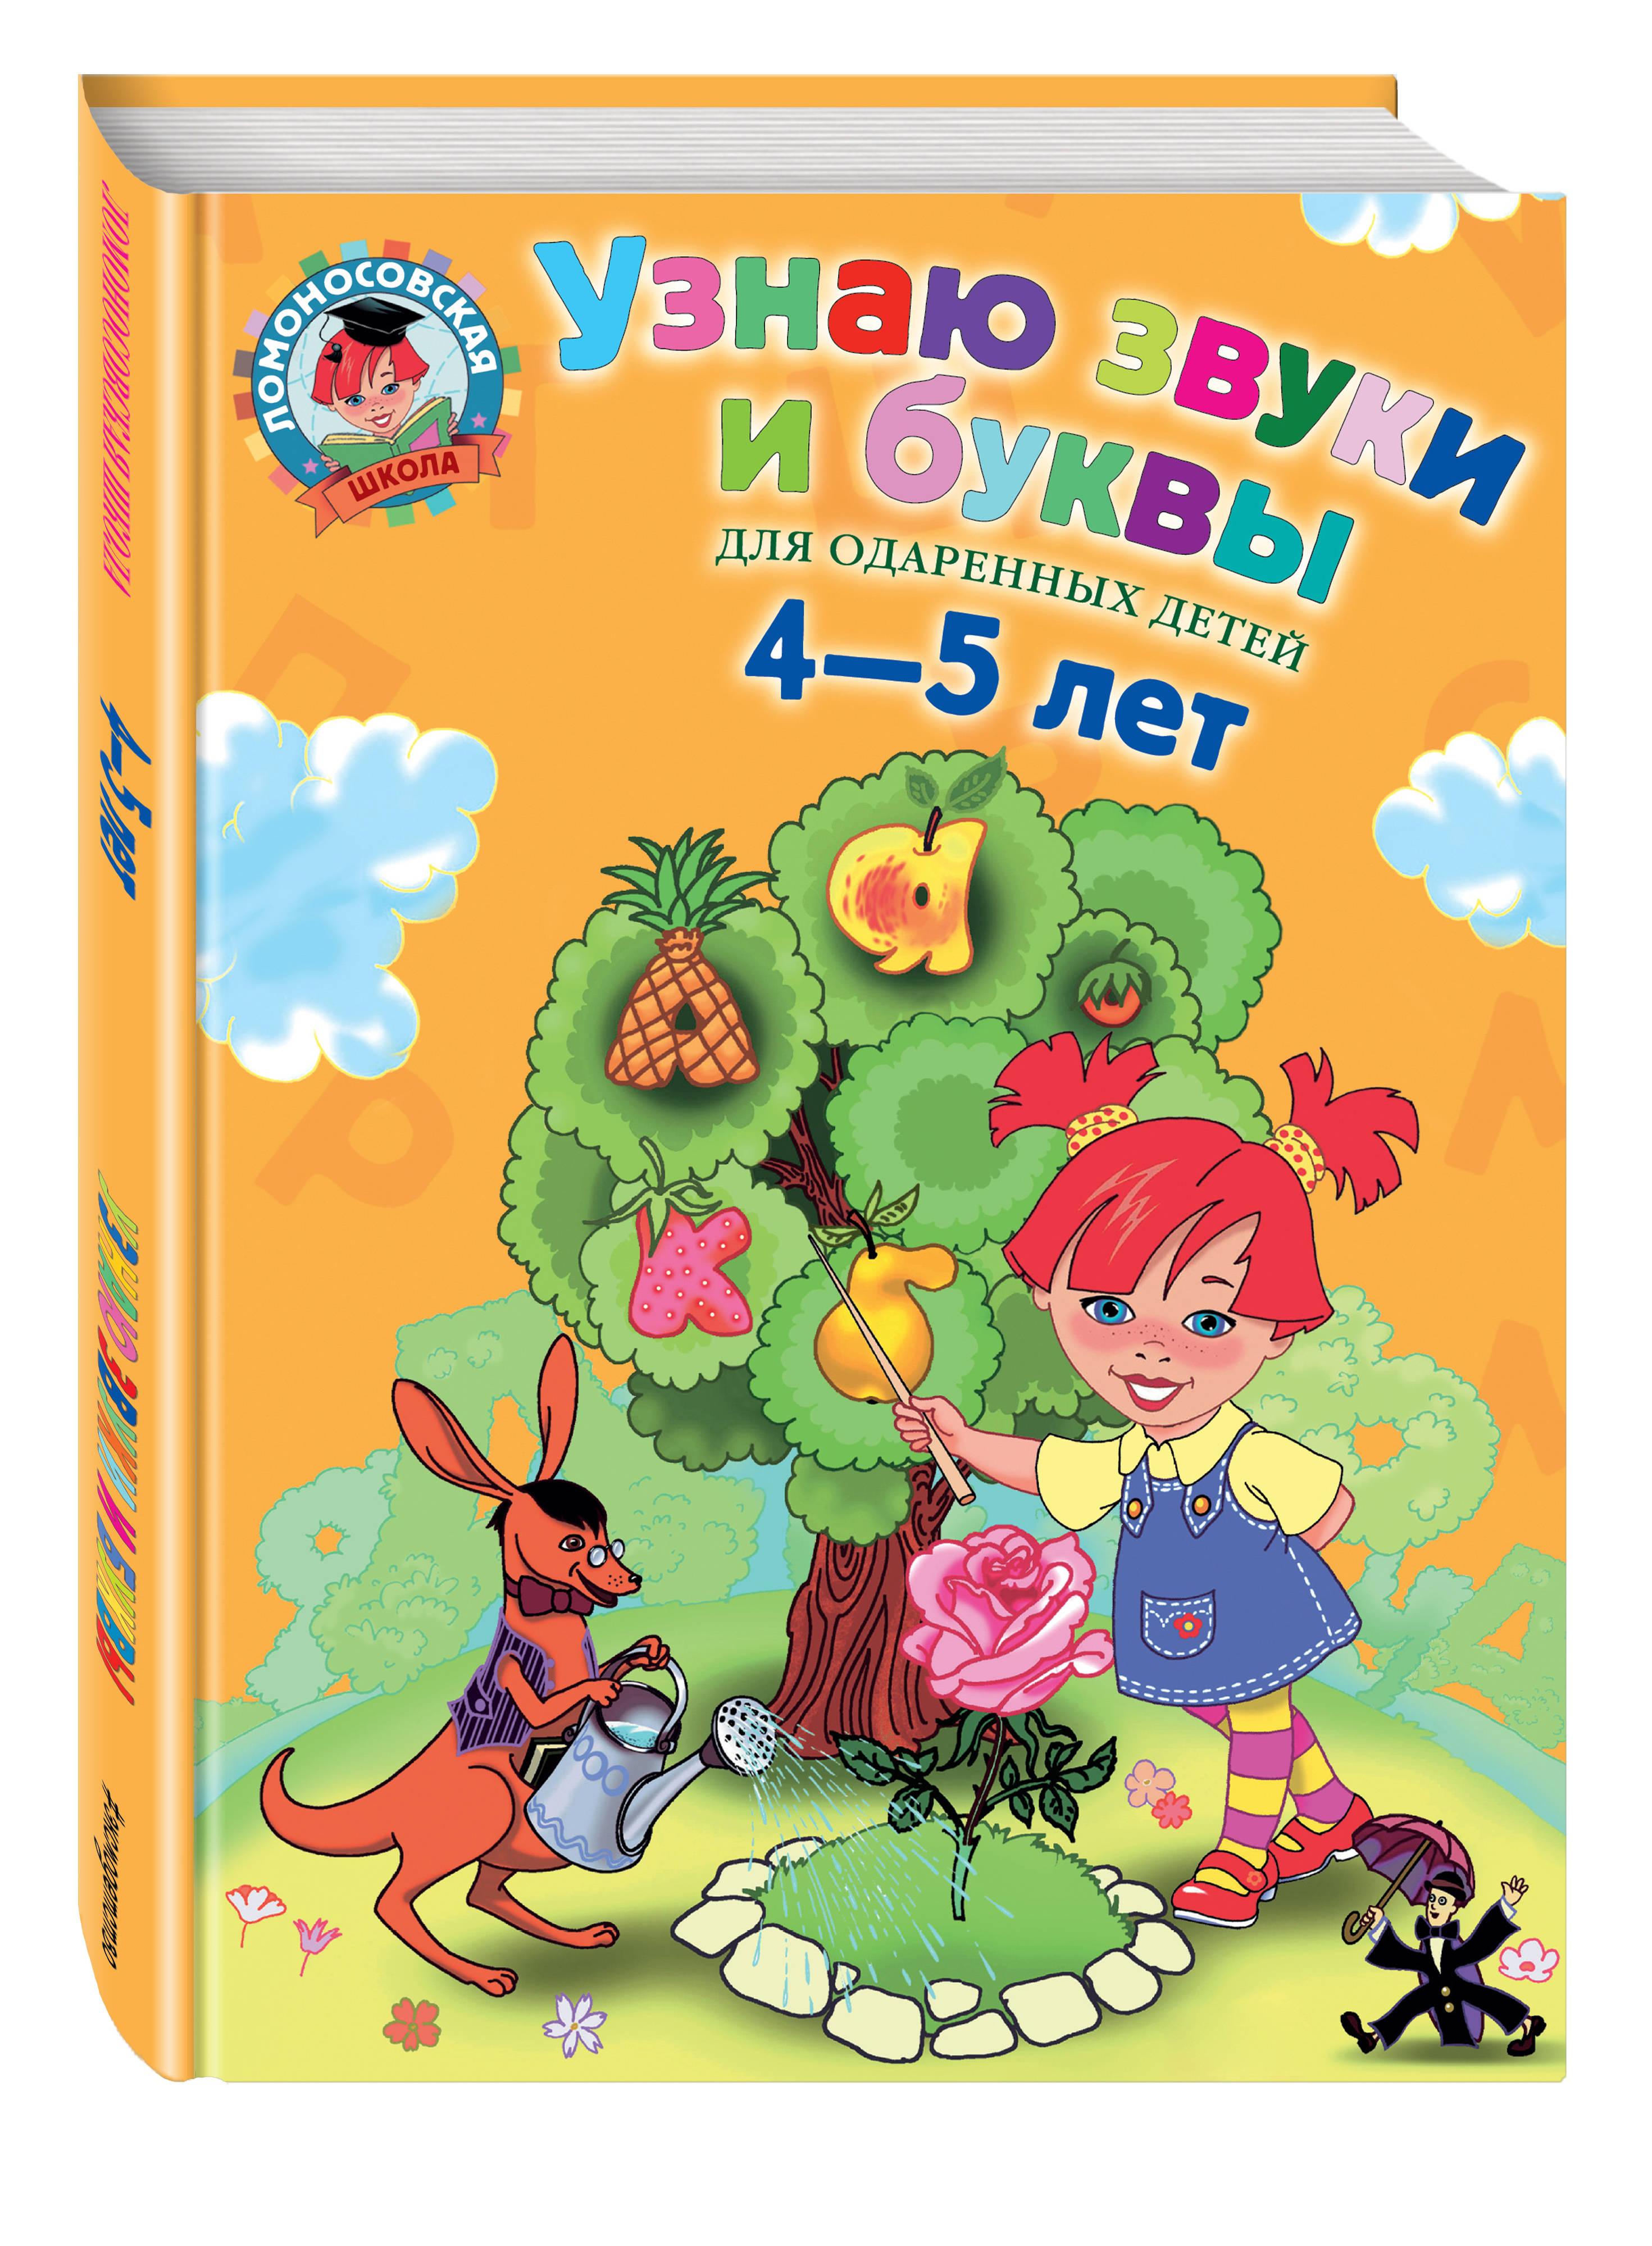 Купить Узнаю Звуки и Буквы: для Детей 4-5 лет, Эксмо, Книги по обучению и развитию детей